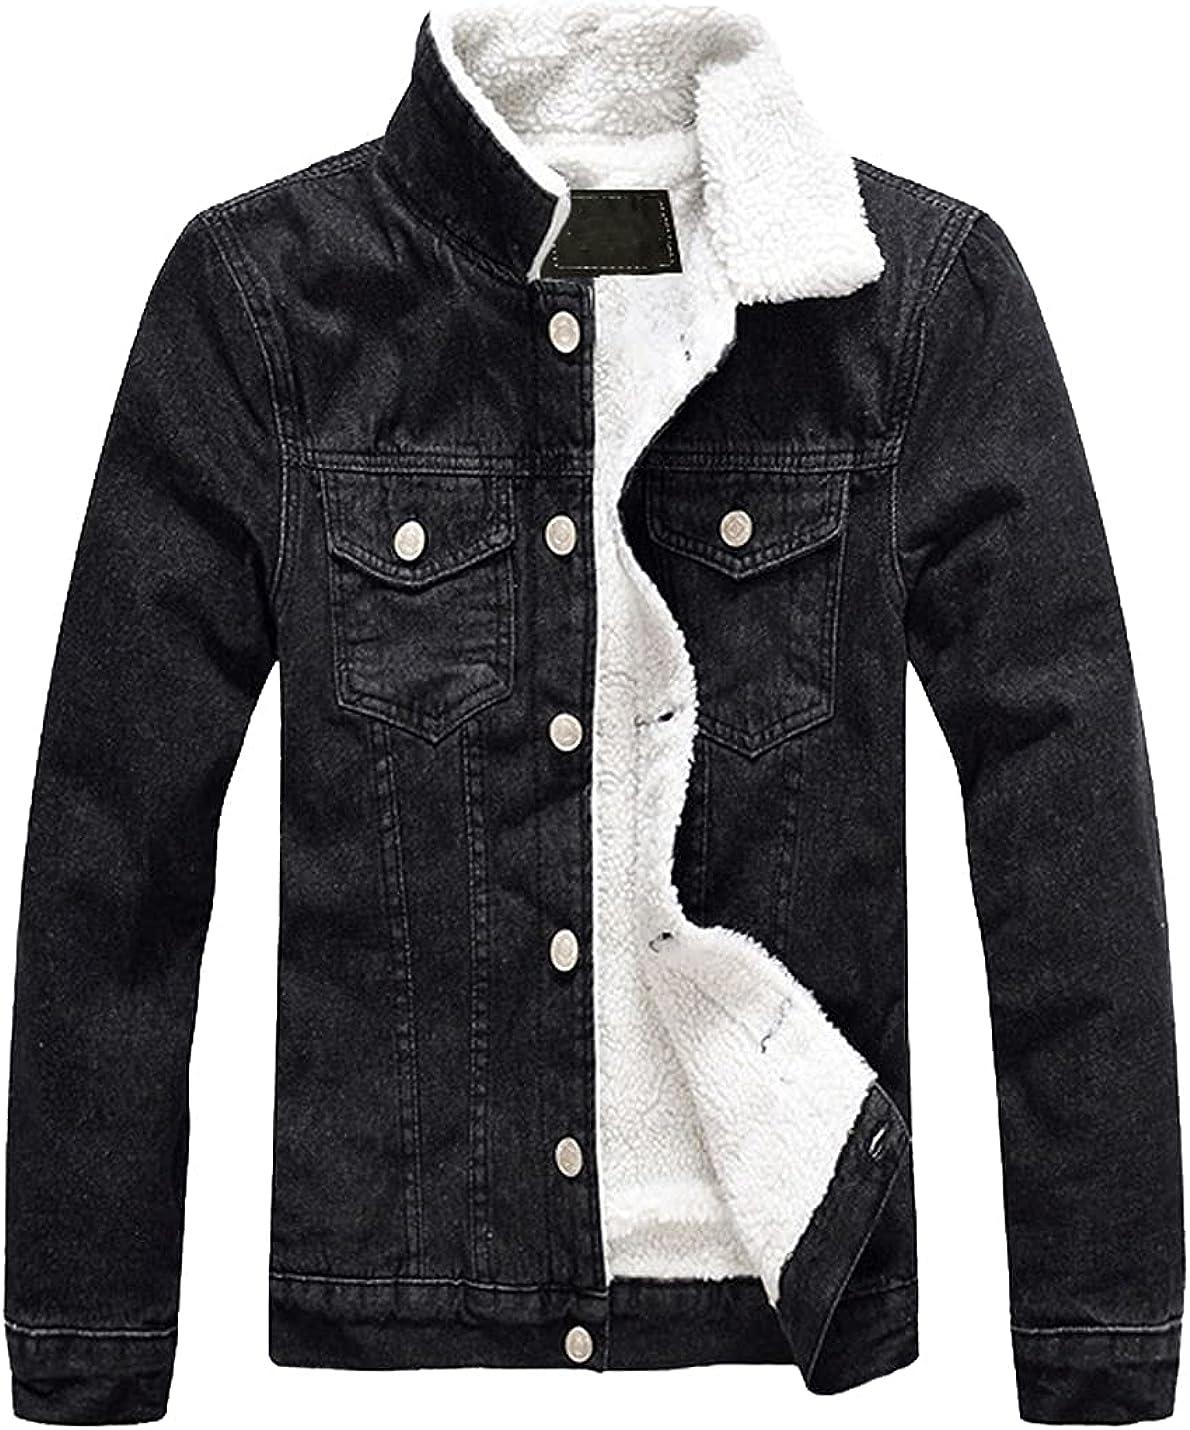 Xishiloft Men's Fleece Jean Jacket Winter Cotton Sherpa Lined Denim Trucker Jacket with Pockets